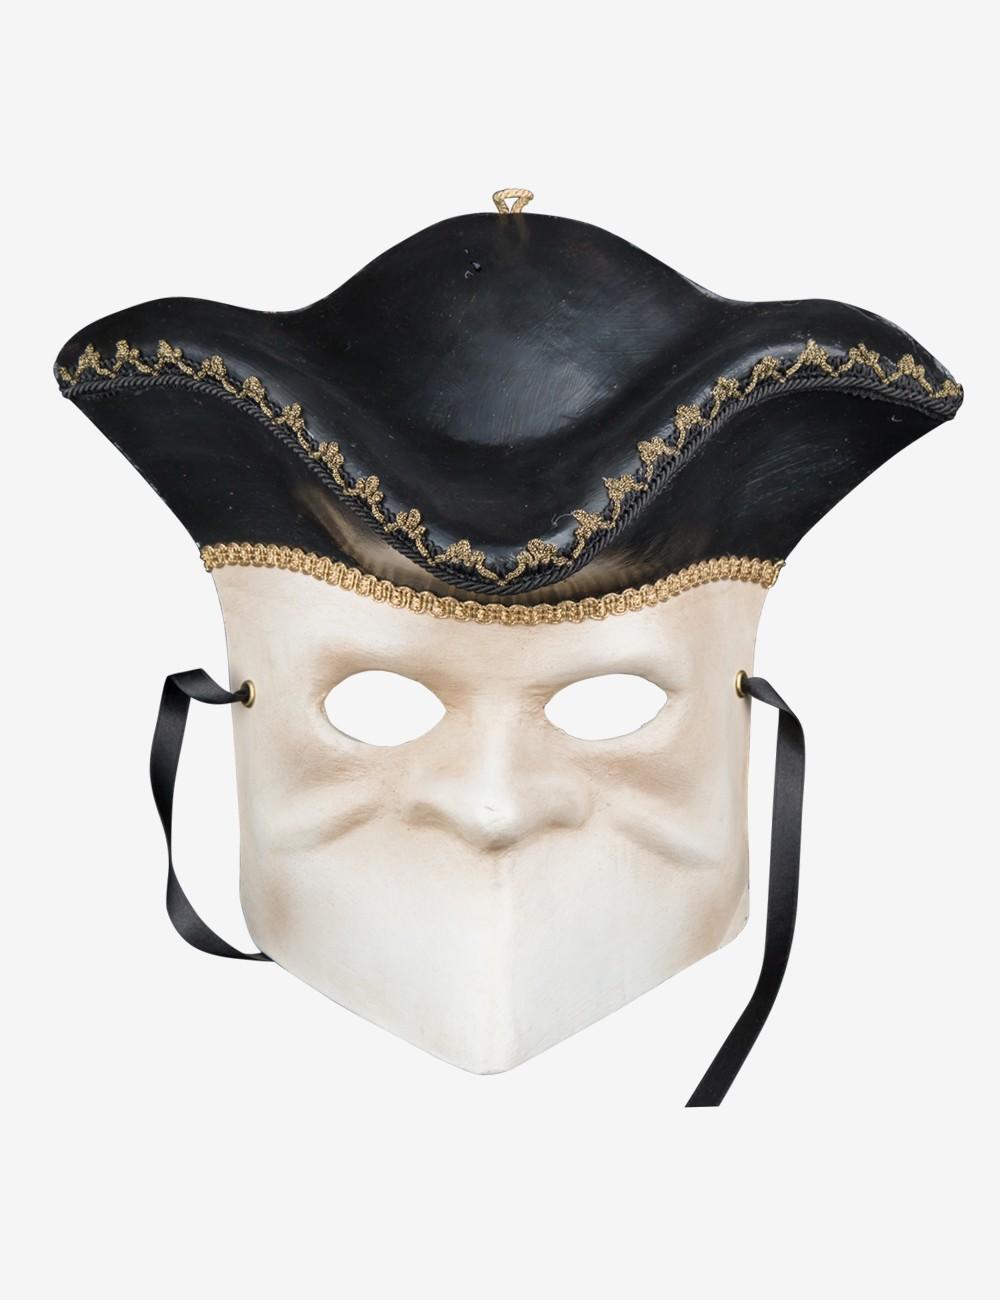 Maschera Veneziana Originale Artigianale Fatta A Venezia!